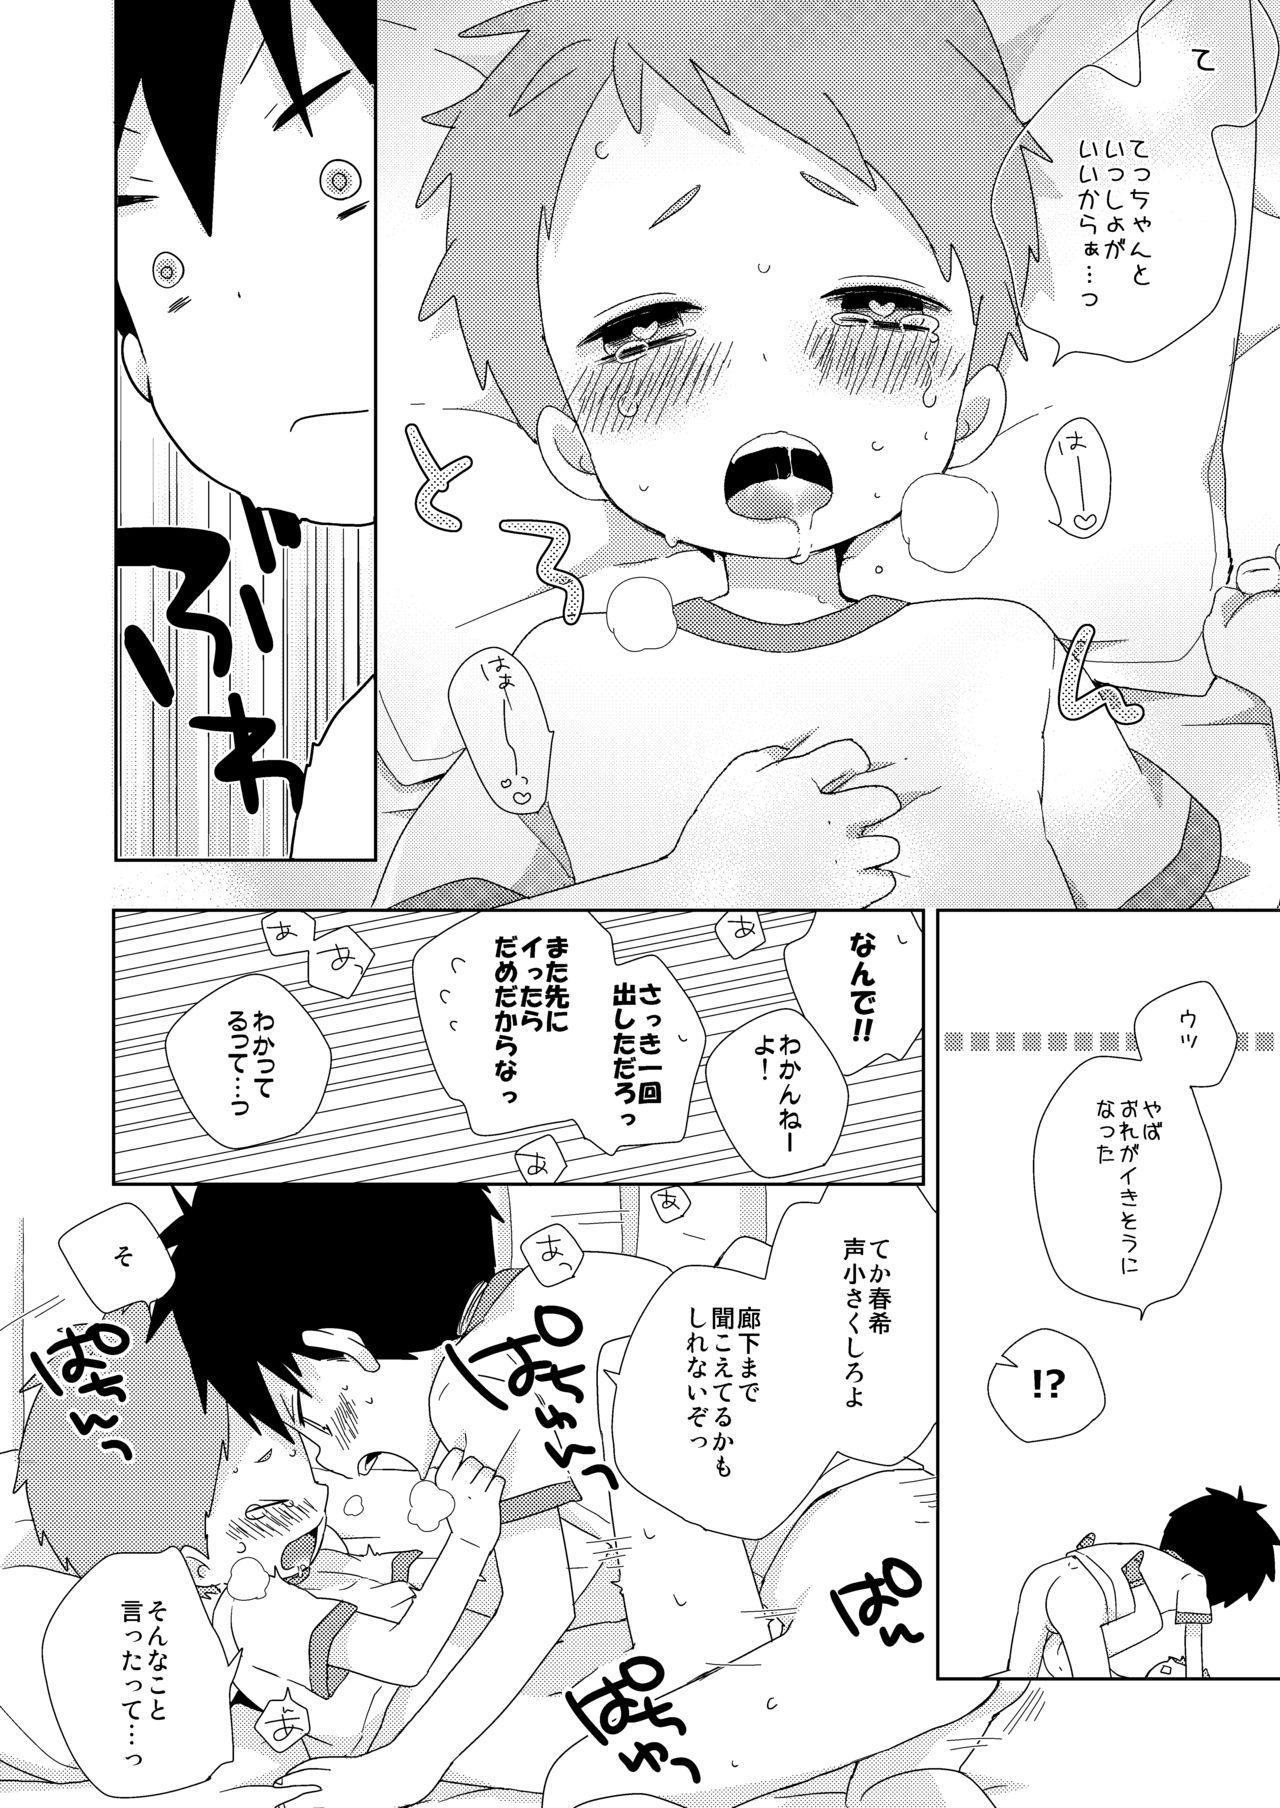 Tomodachi to wa Konna Koto Shinai! 17